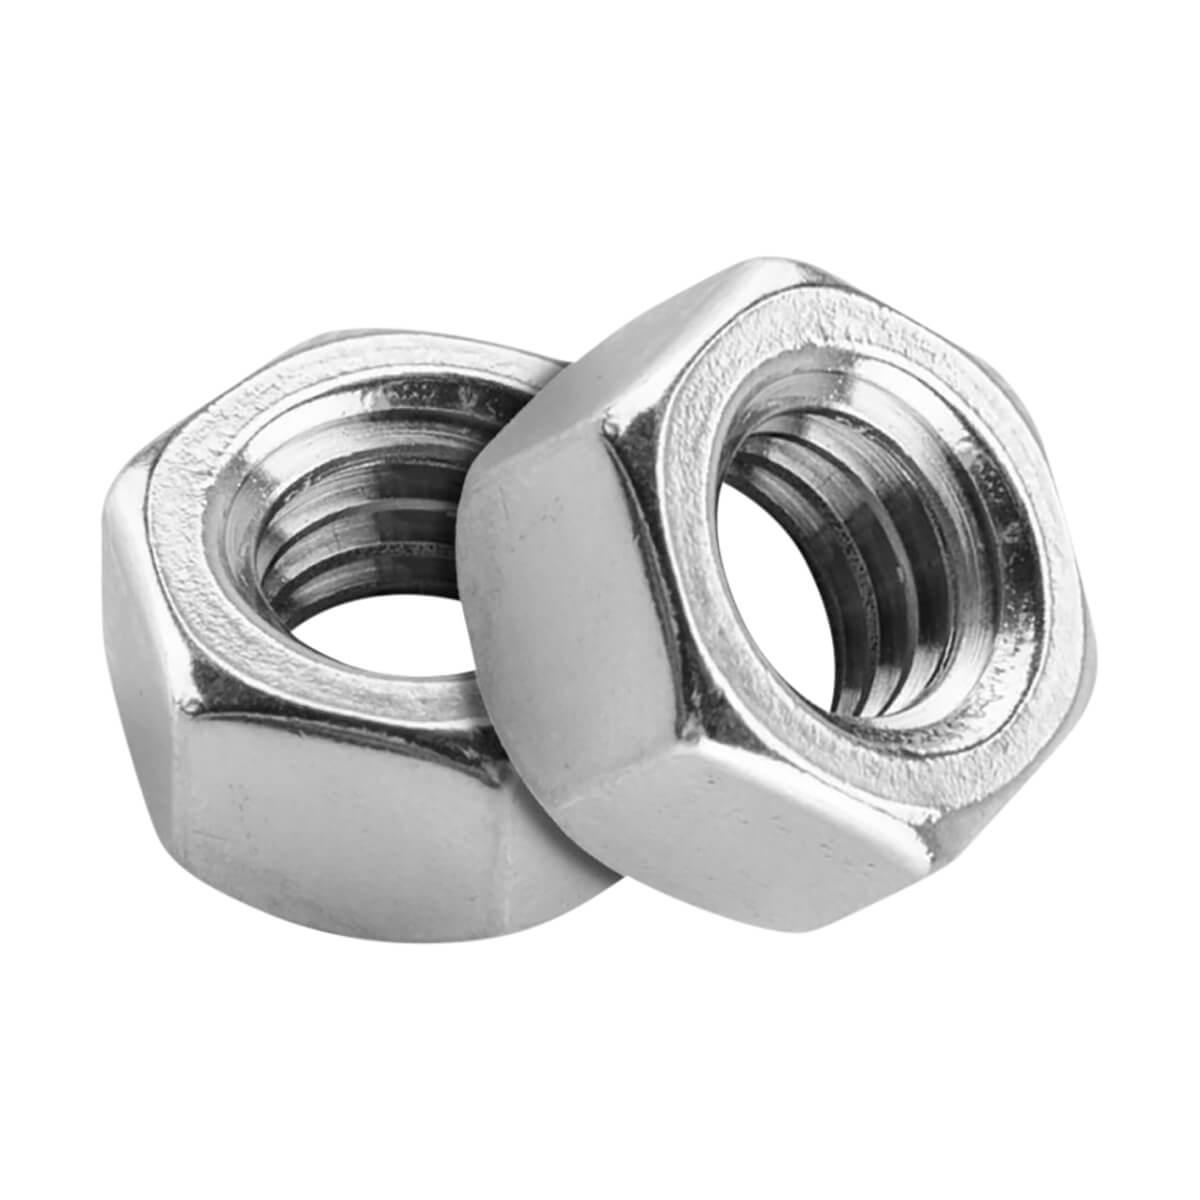 Hexagonal Nut - Zinc Plated - M8 X 1.25 Pitch - 6 Pack